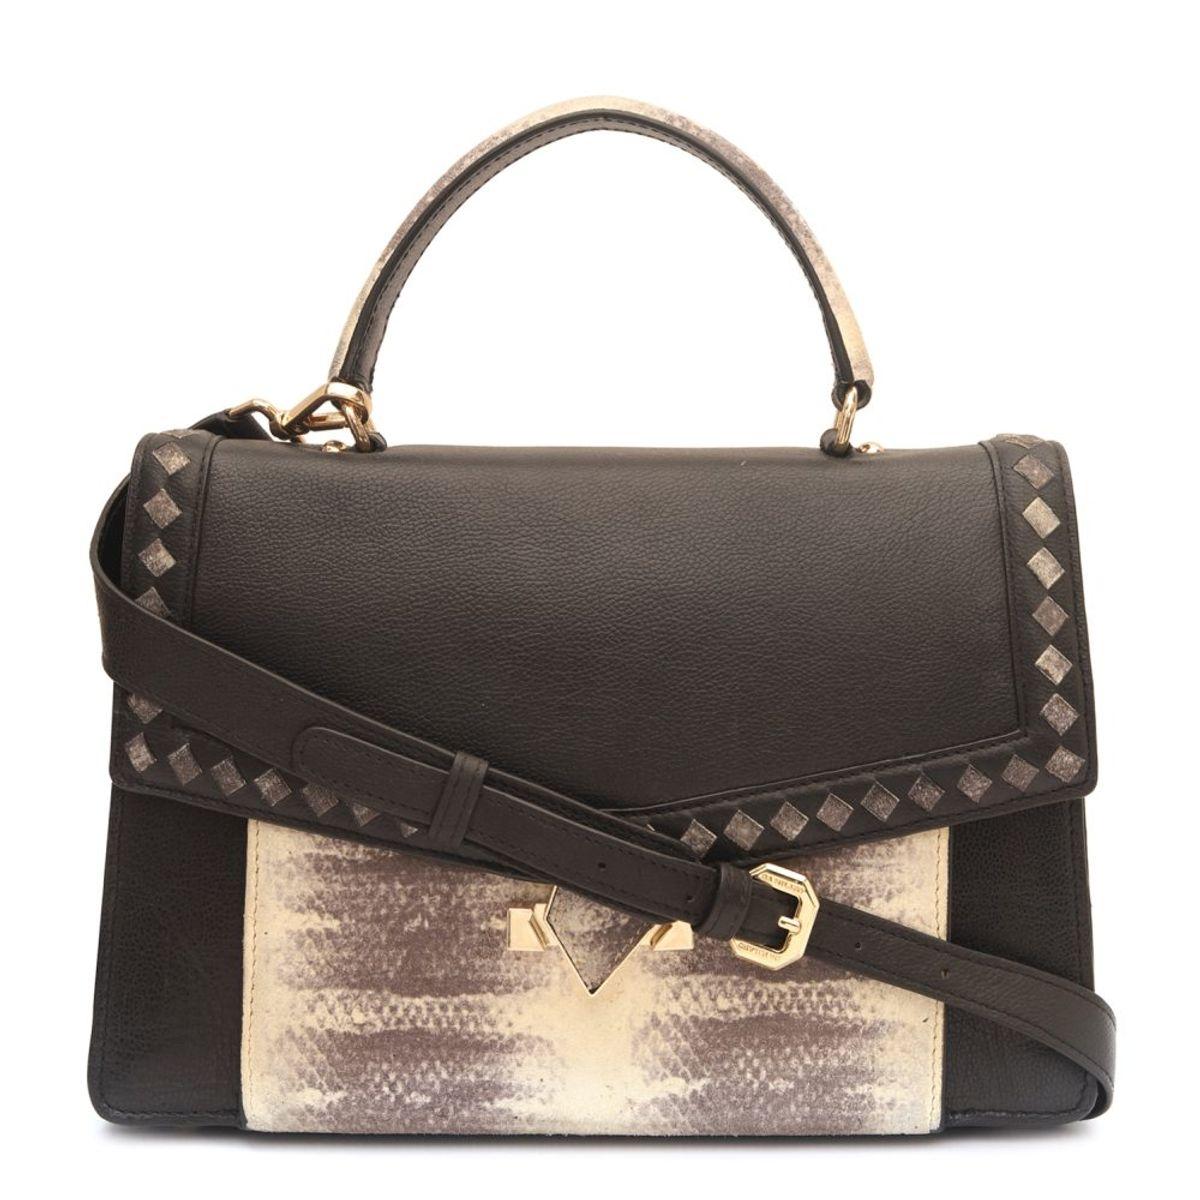 fee63924fadd ... Da Milano Black Grey Satchel Bag · zoom ...